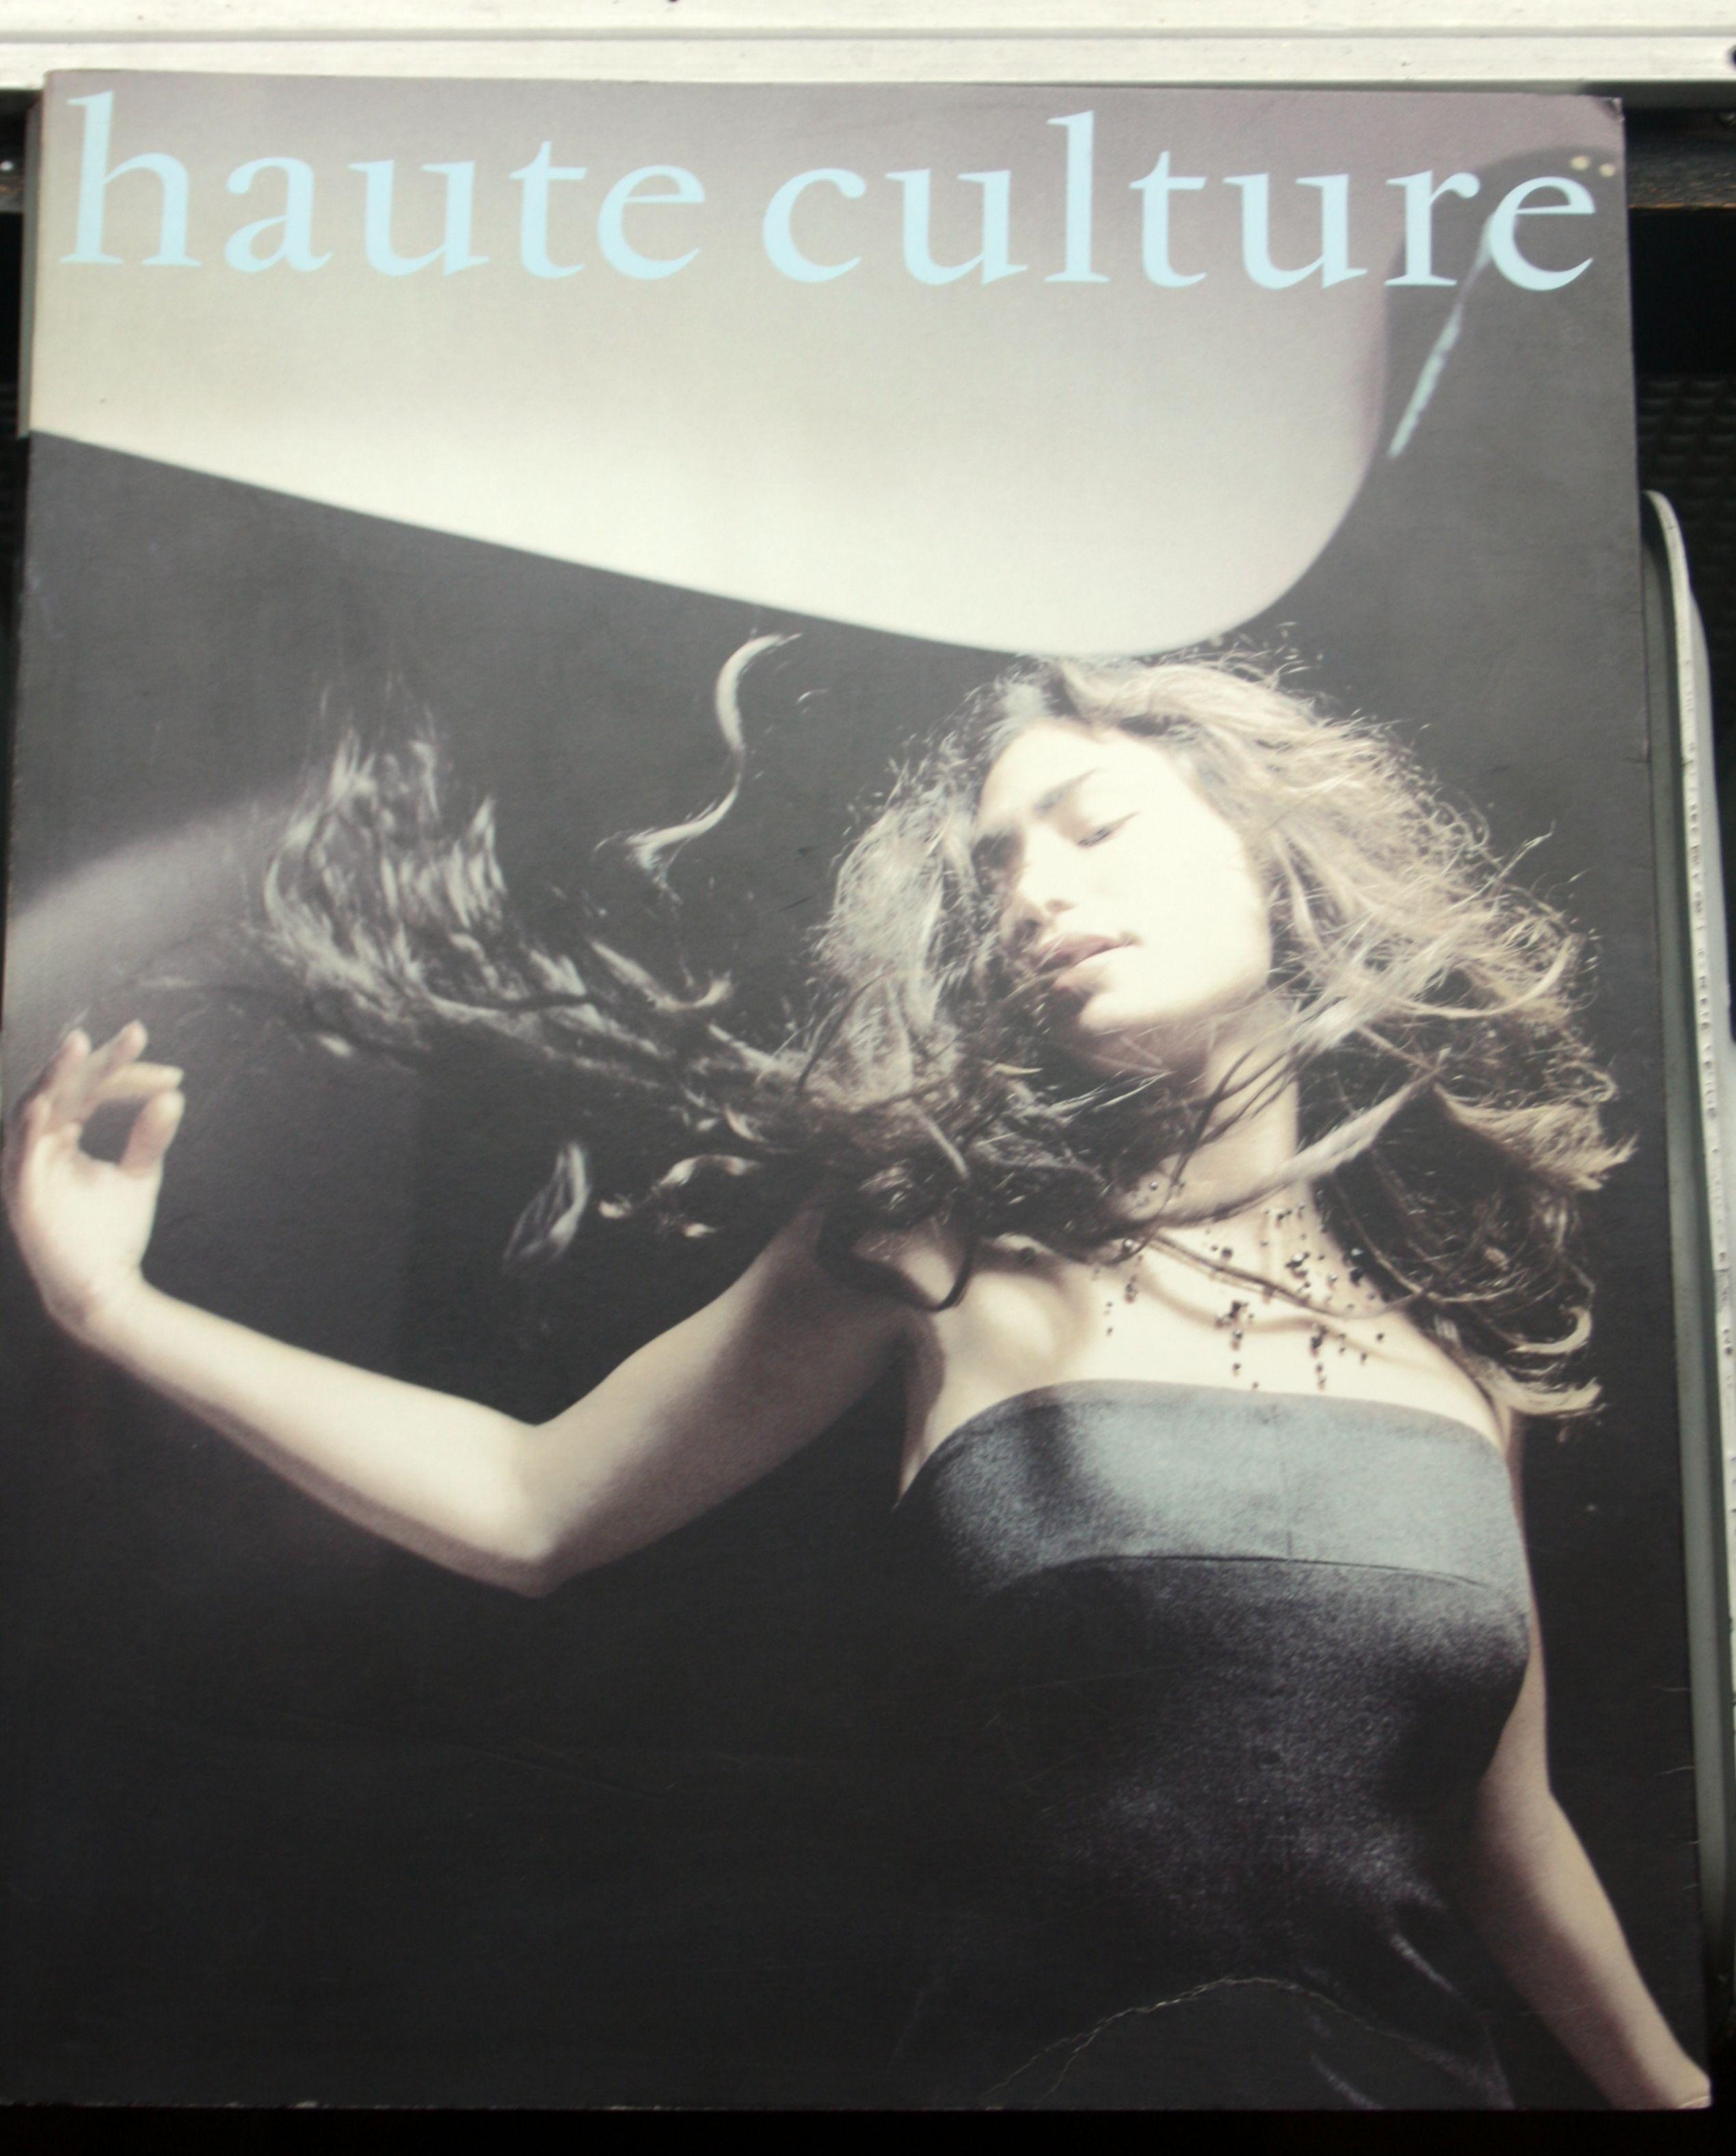 Haute Culture Tussen droom en werkelijkheid Garry Winogrand Herlinde Koelbl Catrien Ariëns Company Photography http://bouillabaiseworkinprogress.blogspot.nl/2016/05/haute-culture-tussen-droom-en.html